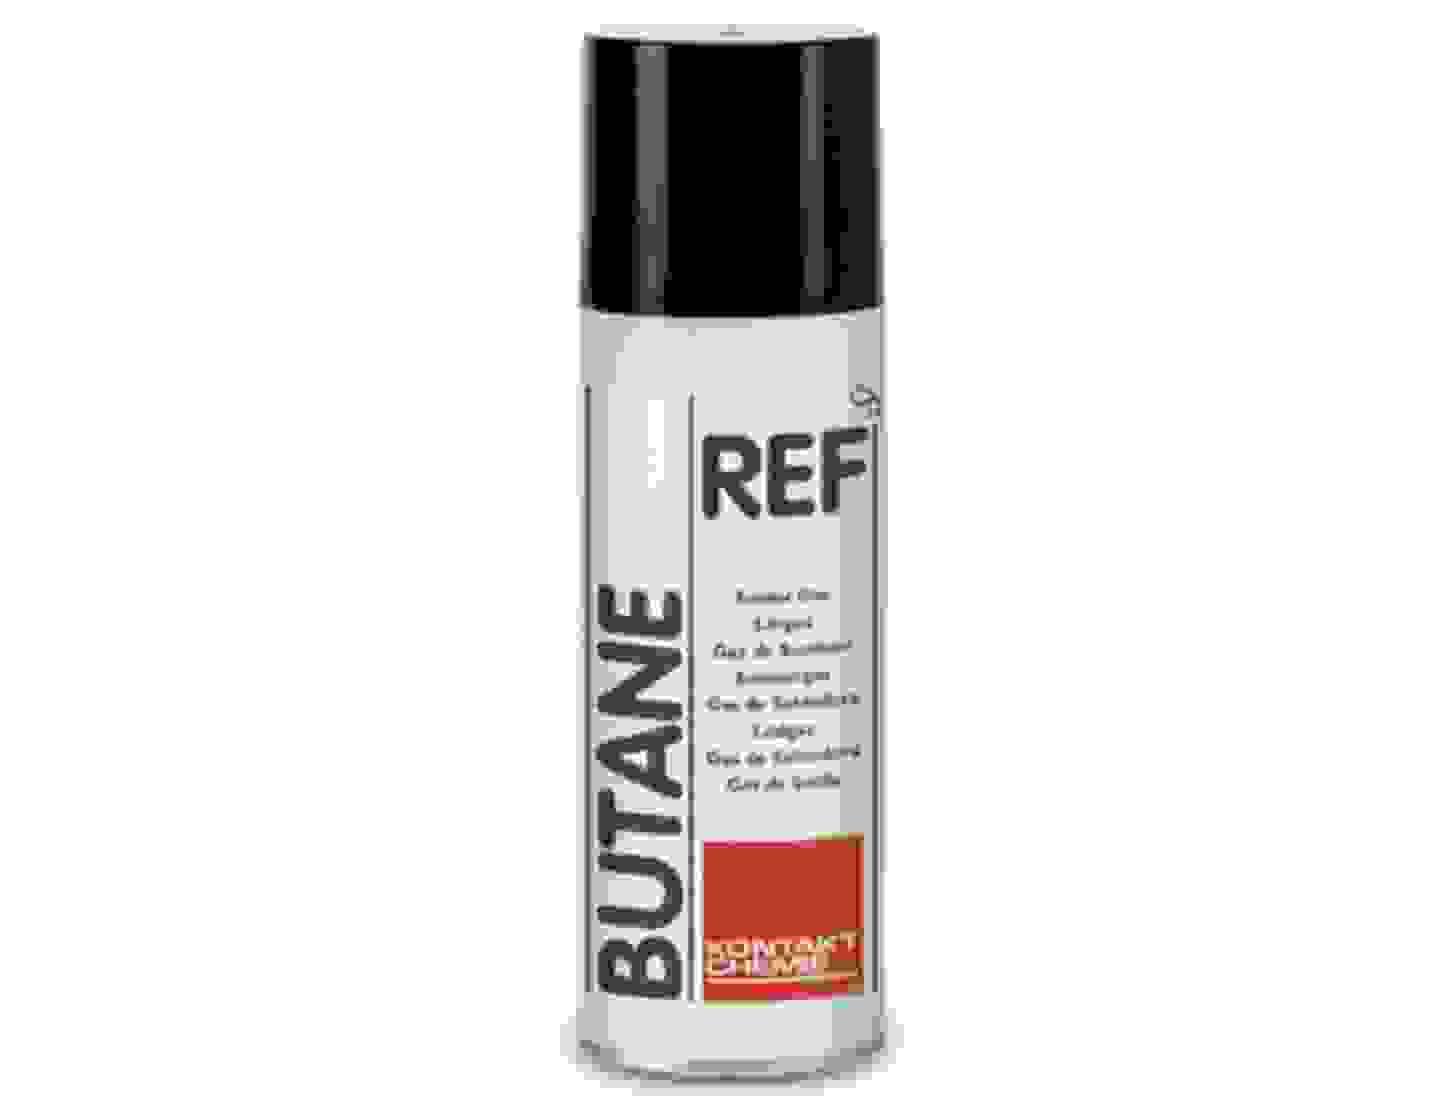 Butane Ref